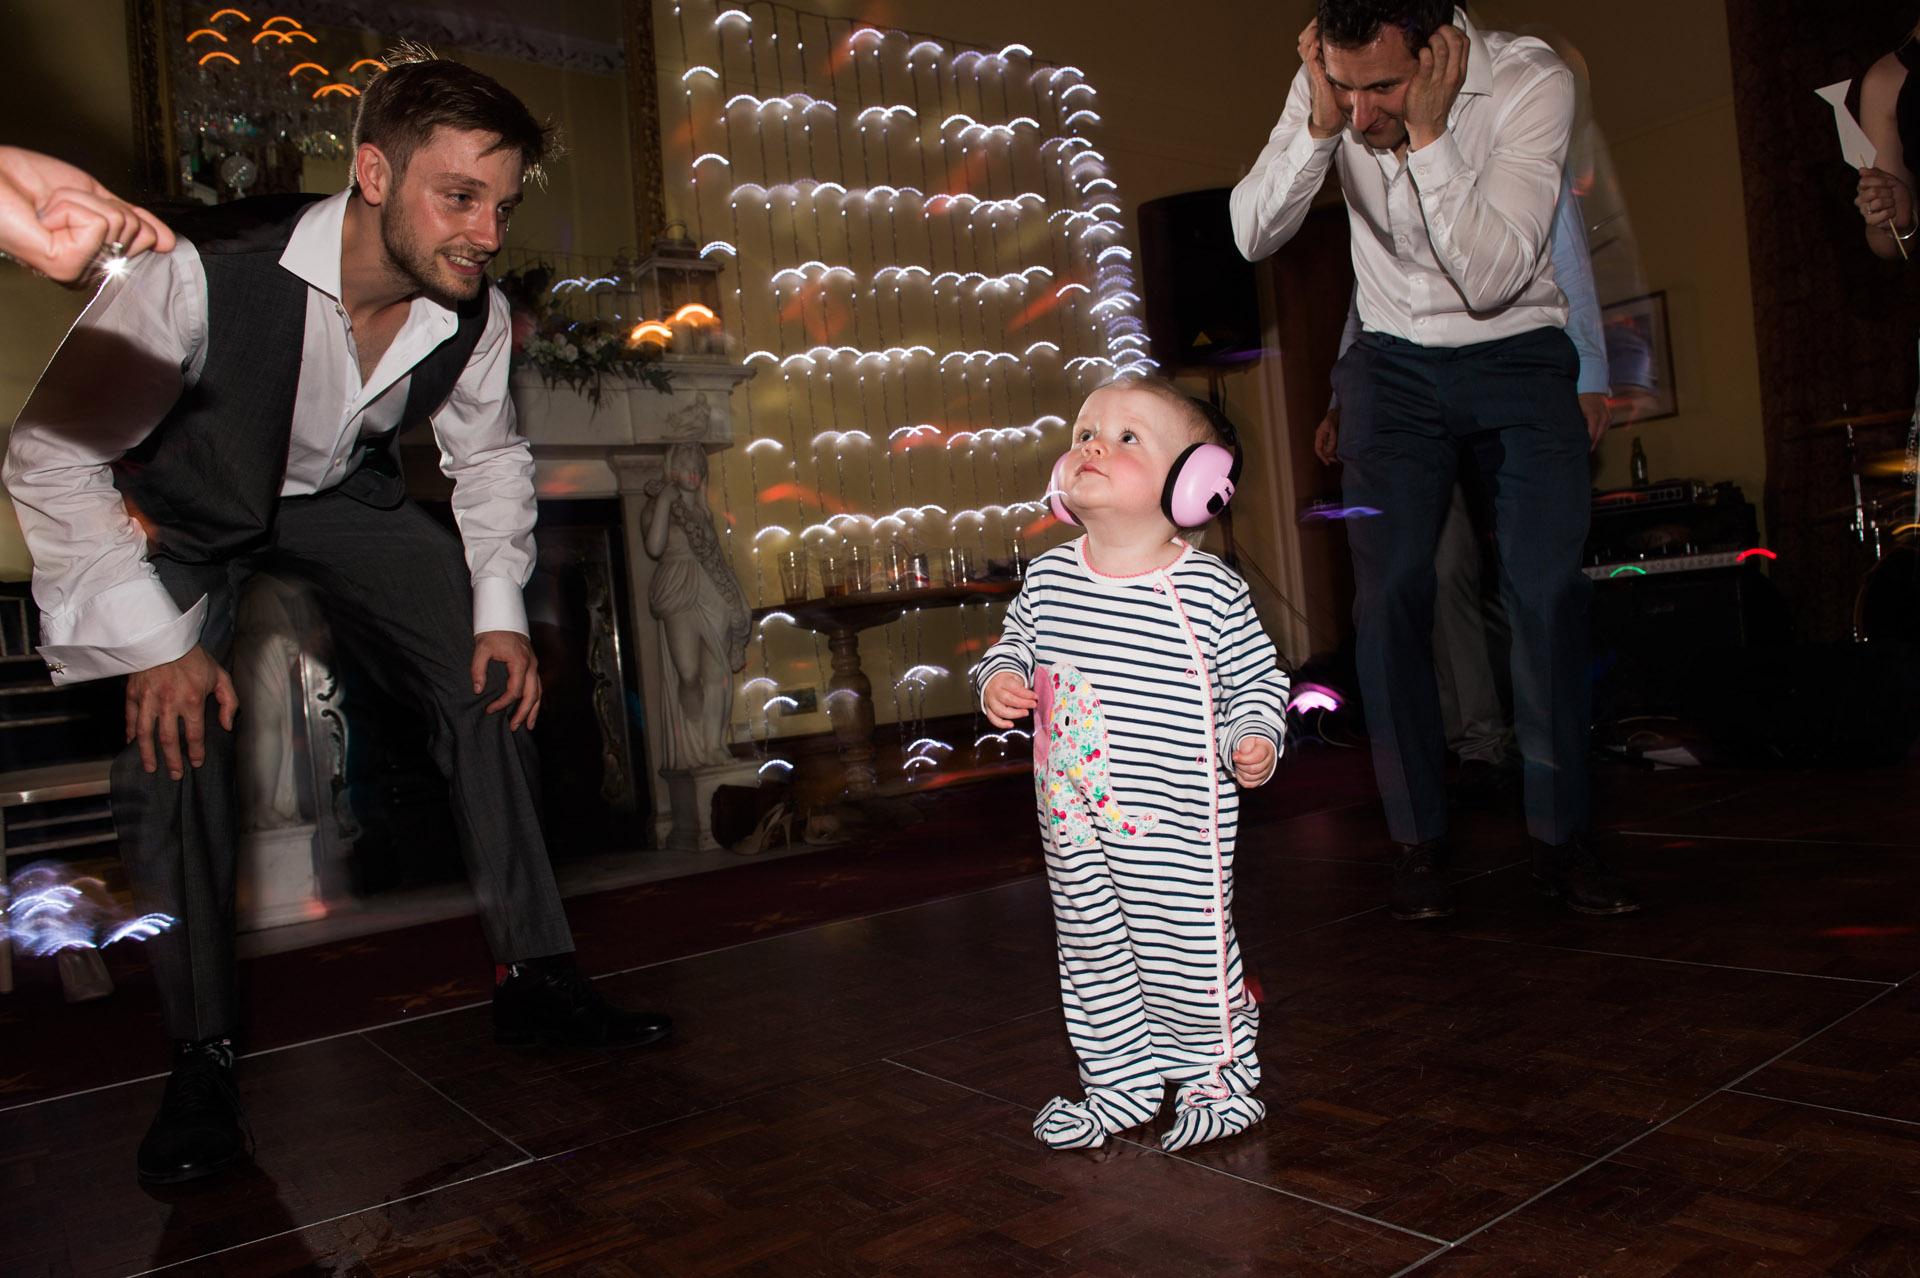 Kid dances at Dillington House